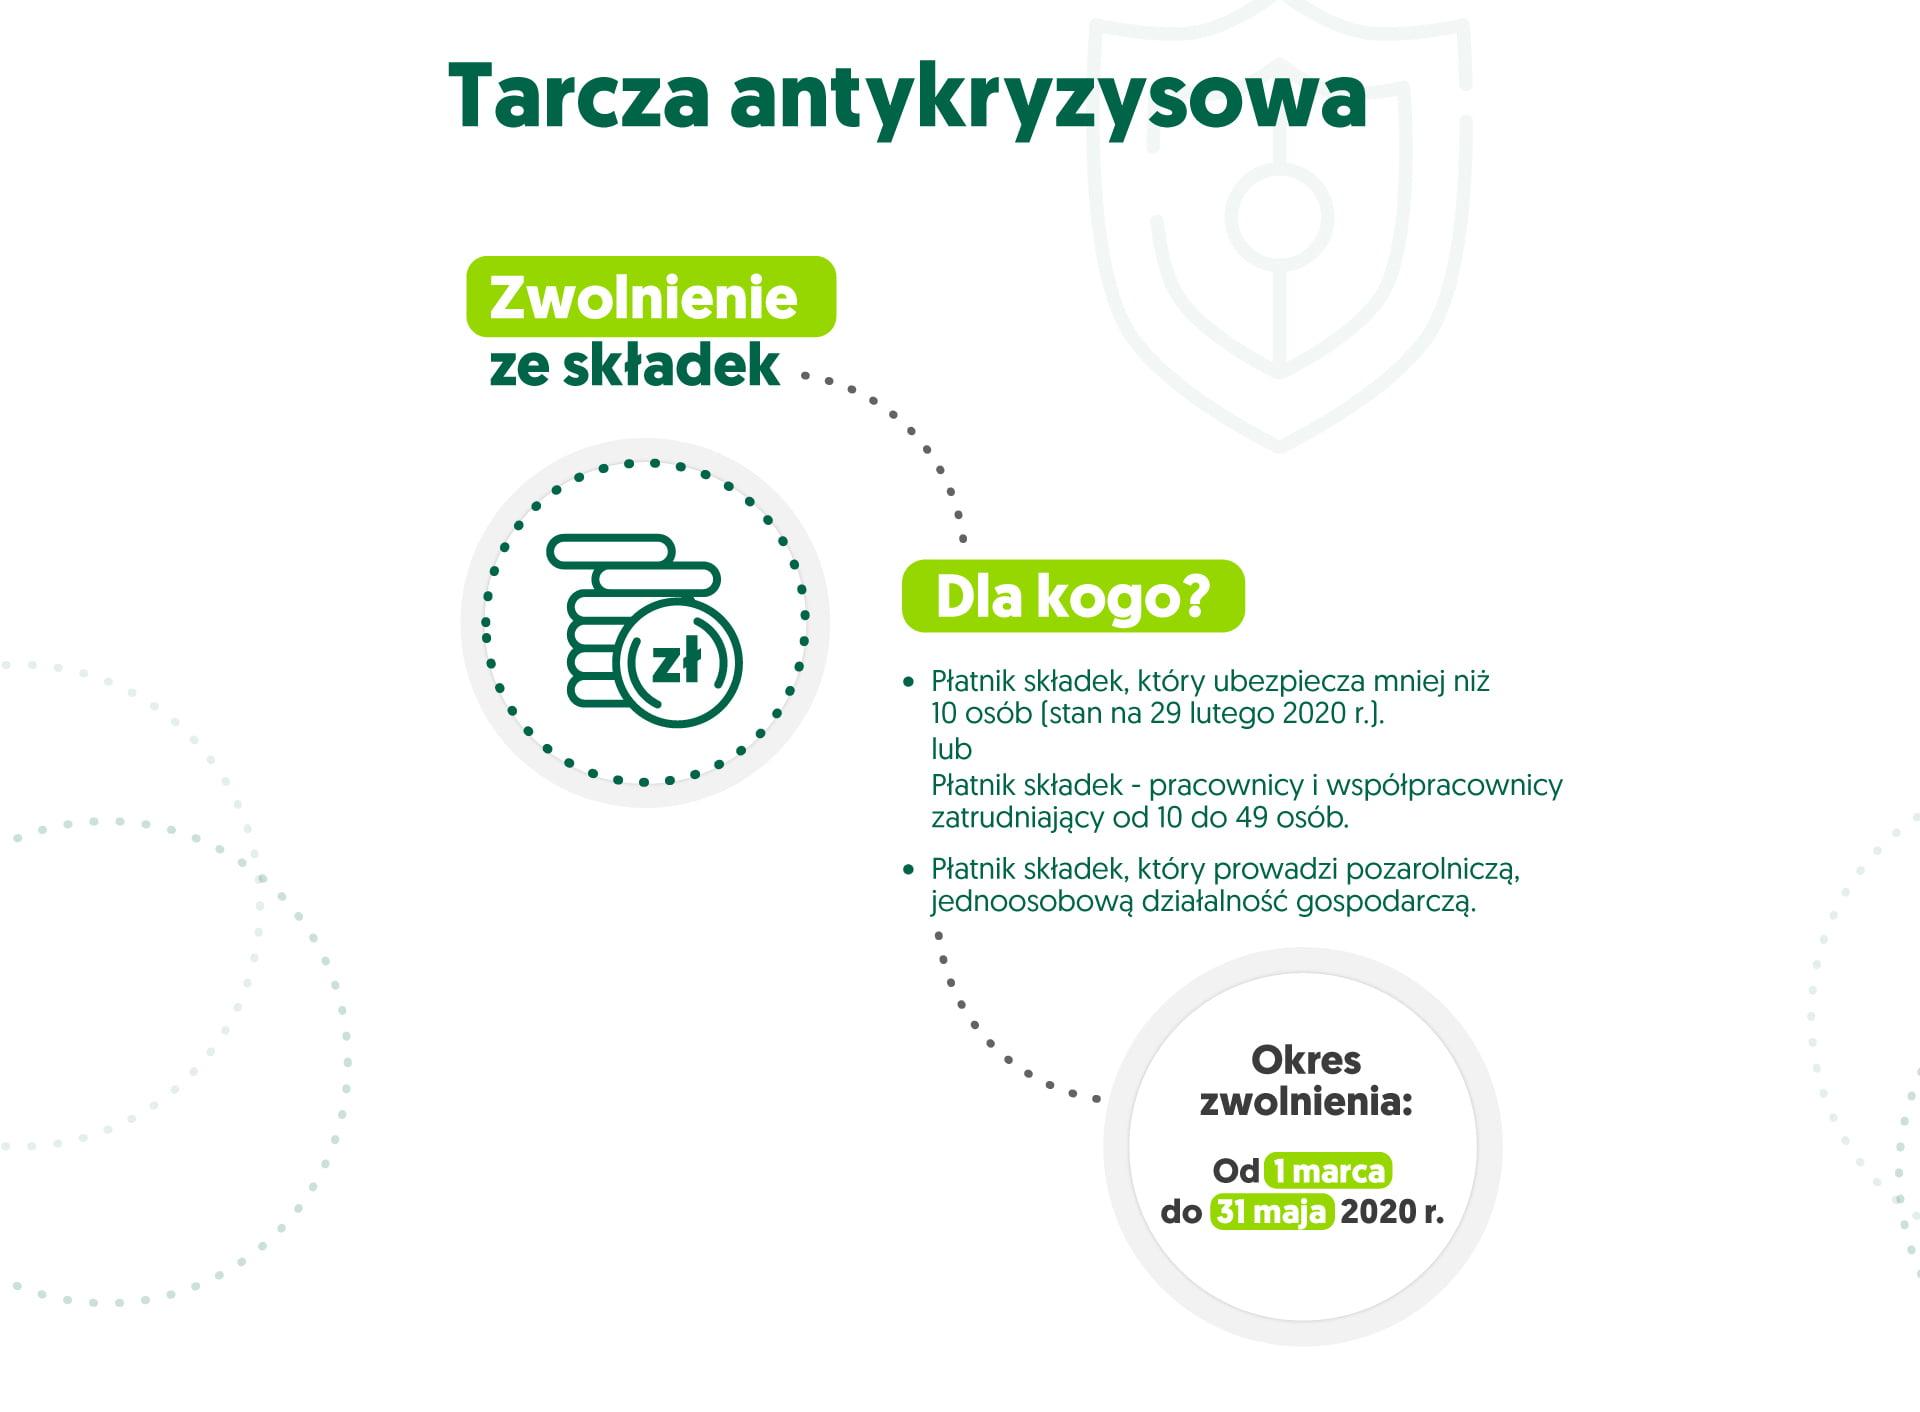 infografika tarcza antykryzysowa - zwolnienie ze składek